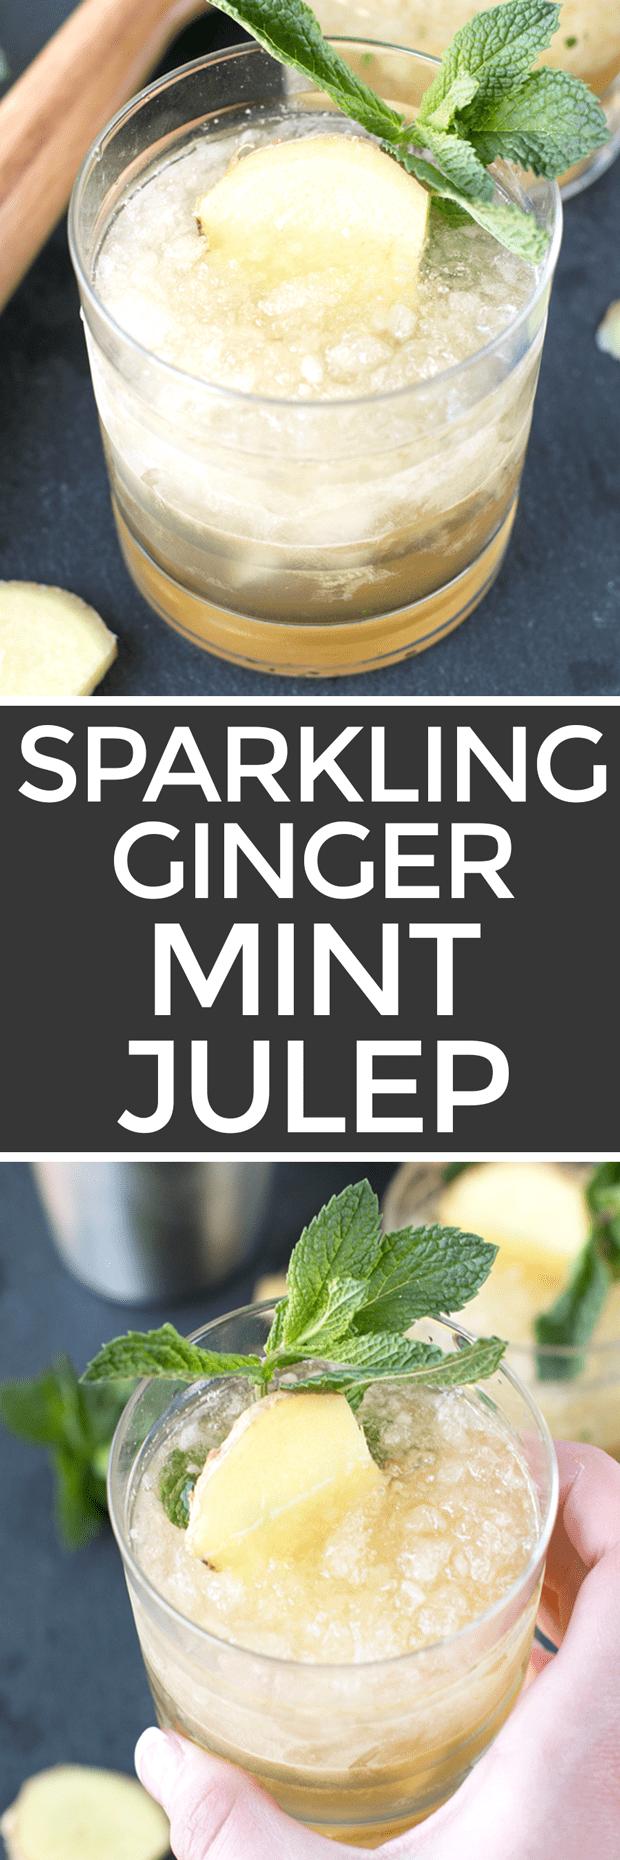 Sparkling Ginger Mint Julep   cakenknife.com #cocktail #Derby #mint